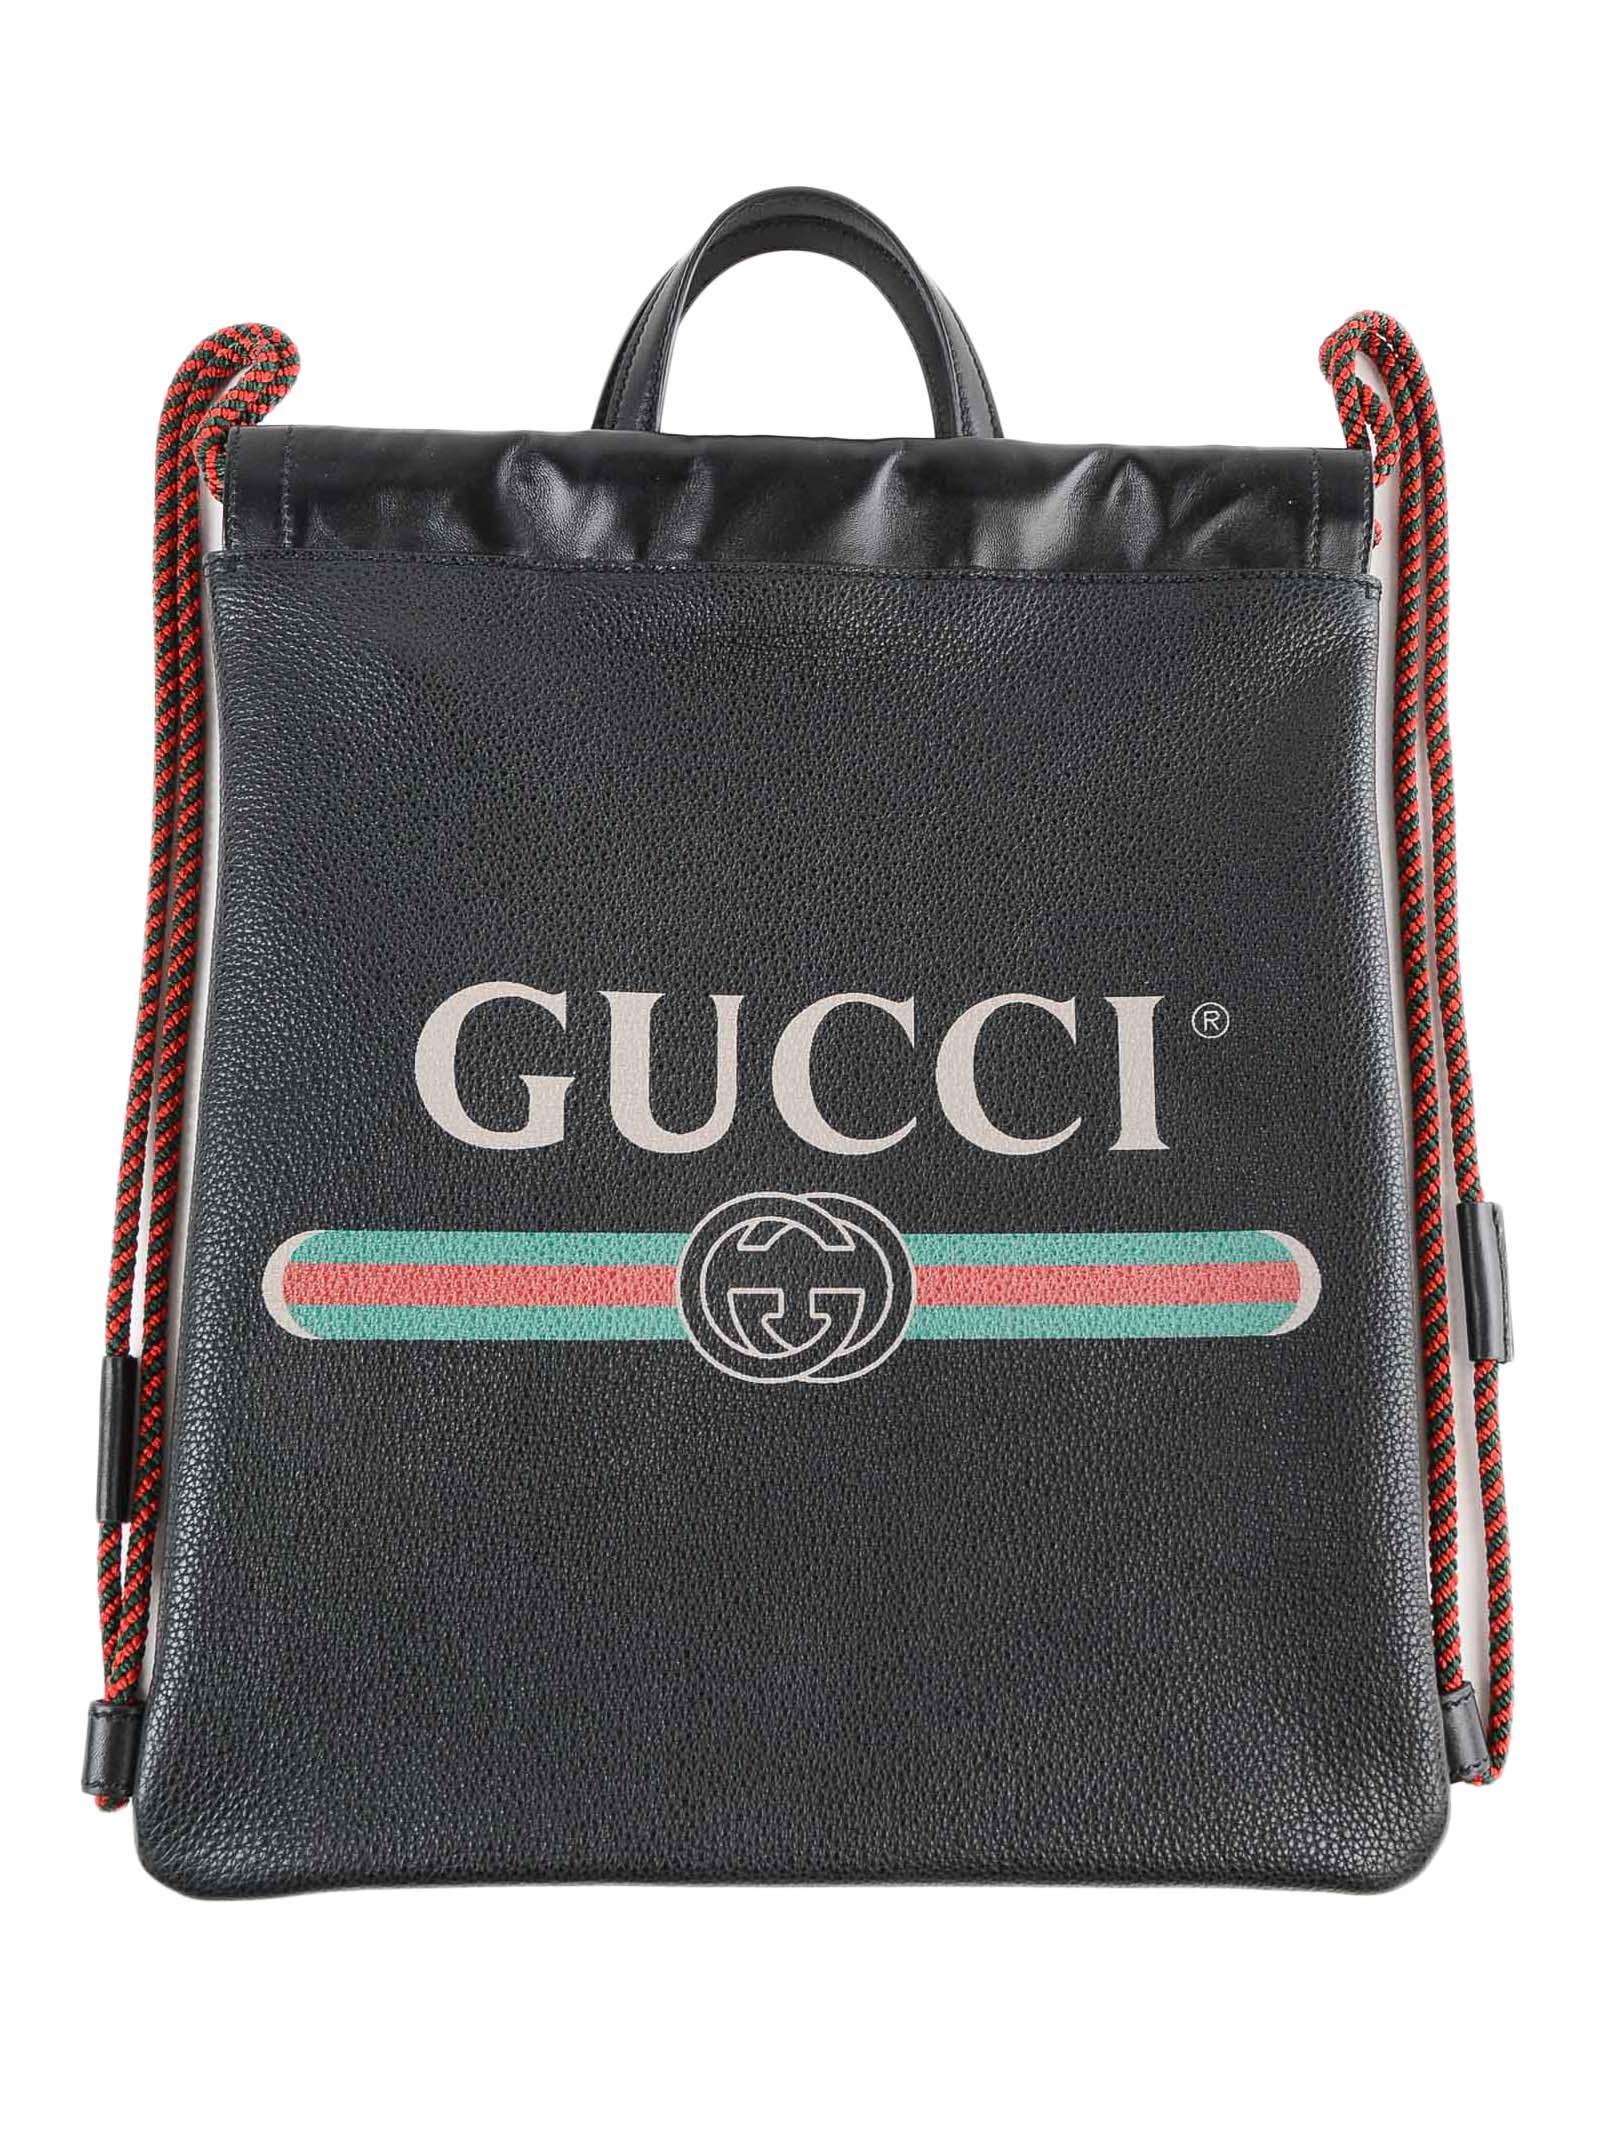 4f1b79e17b1 Gucci Small Cripto Soft Bag for Men - Lyst